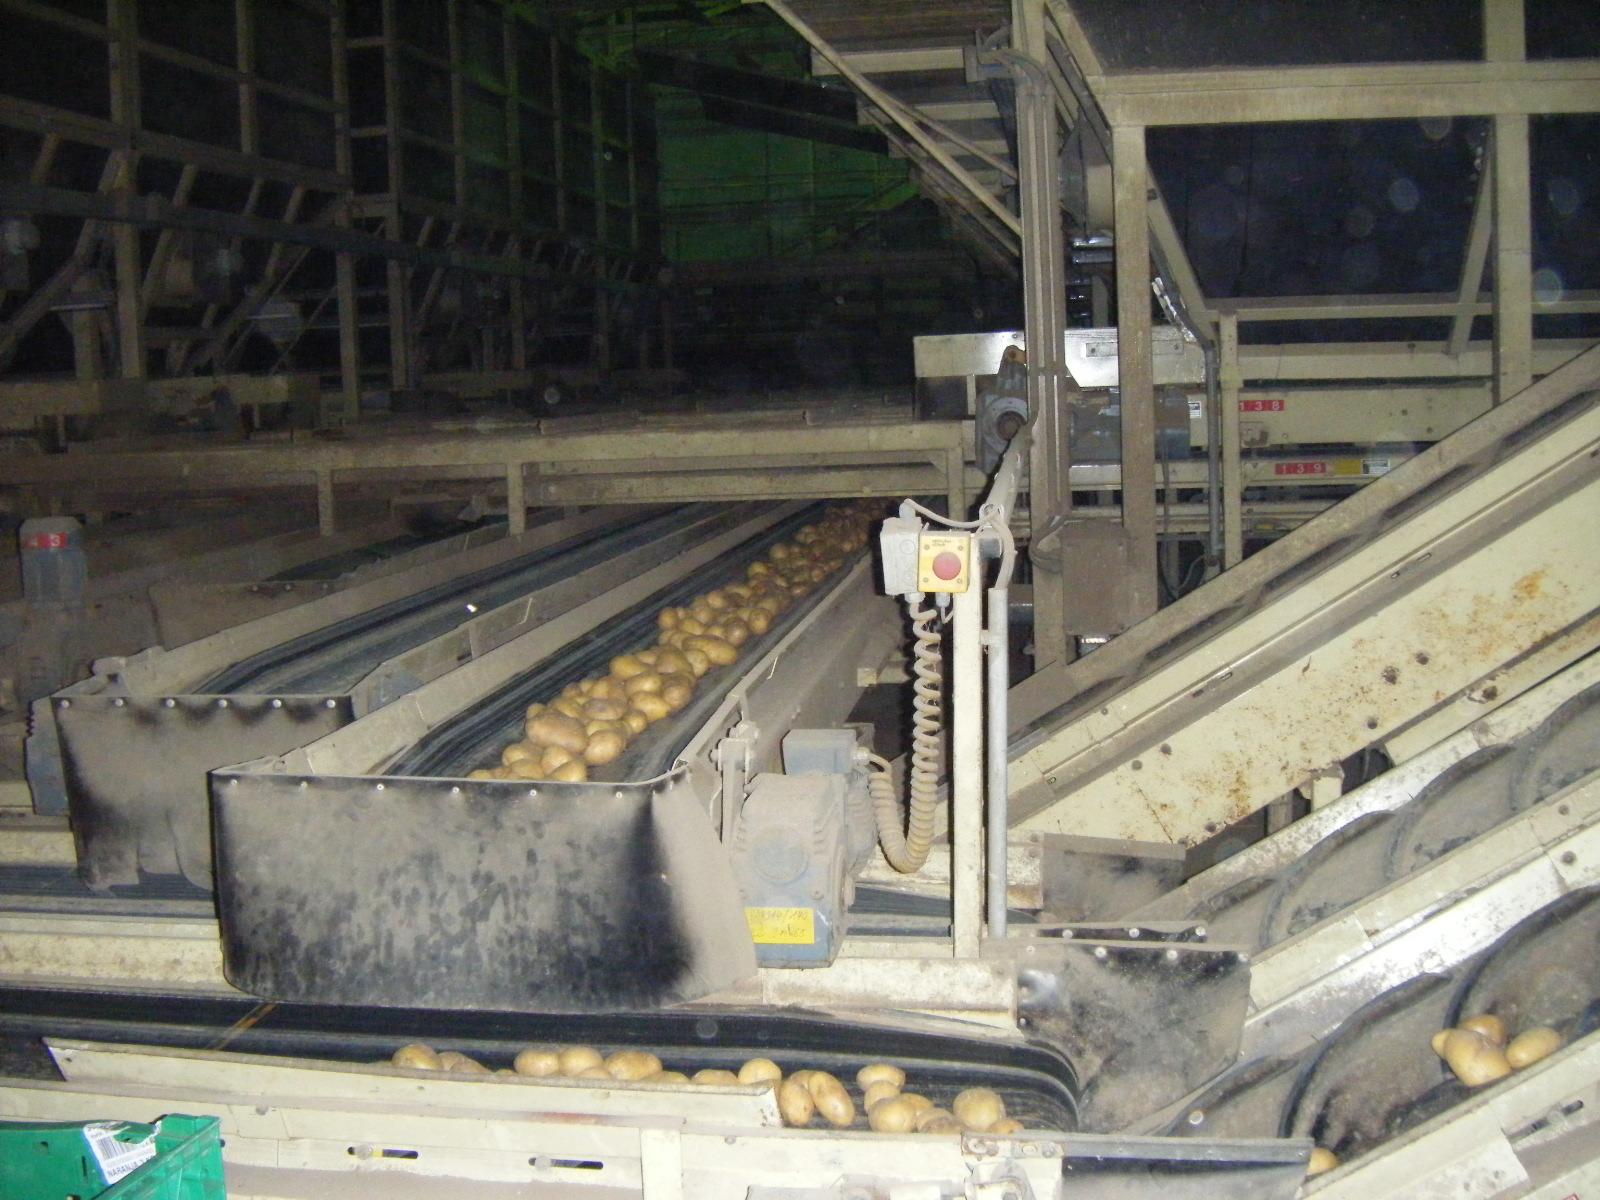 Bunkeraustragebänder und verteilung